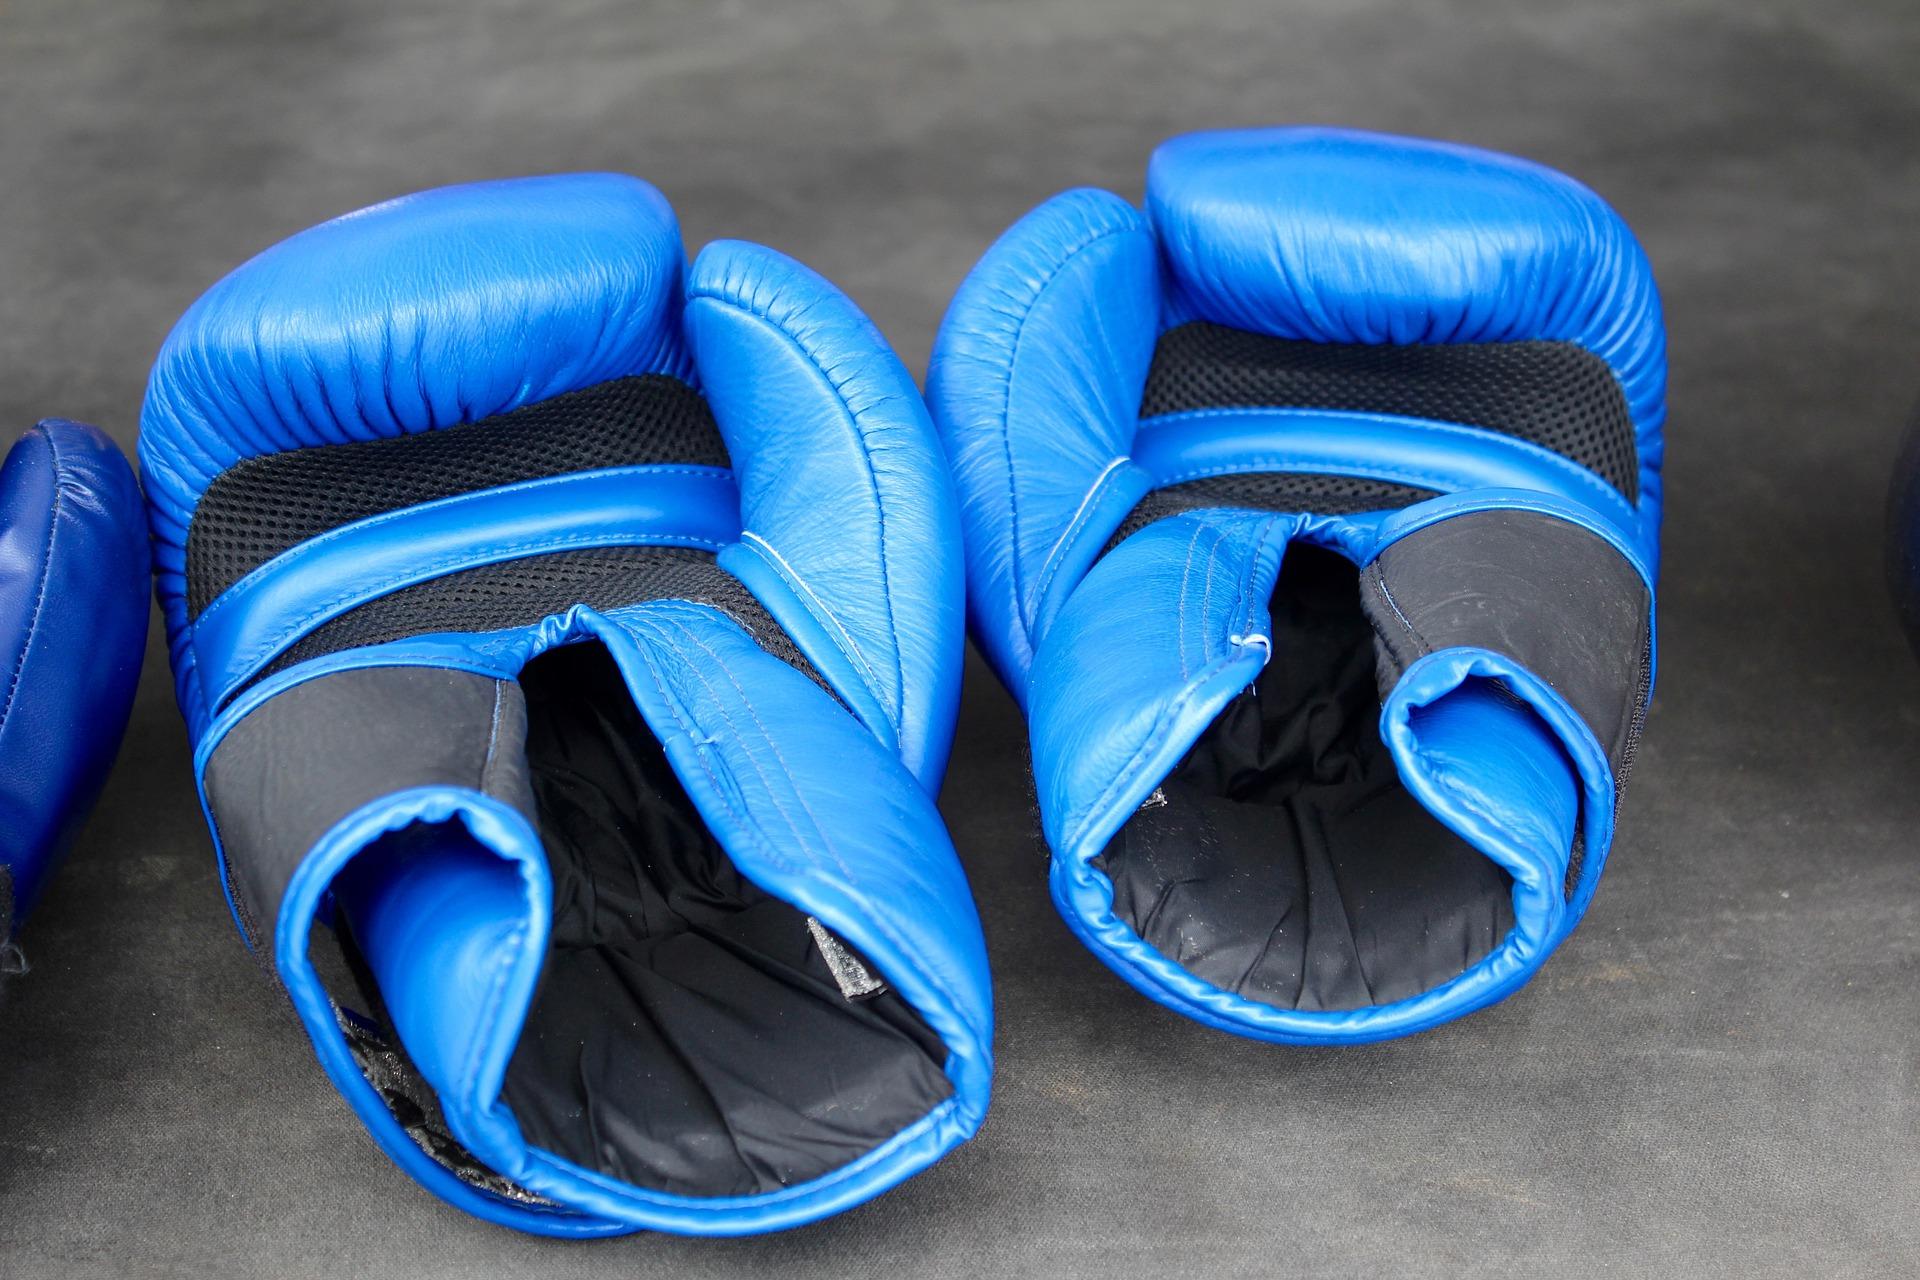 Besser ist es, wenn die Boxhandschuhe nicht zu häufig zum Einsatz kommen